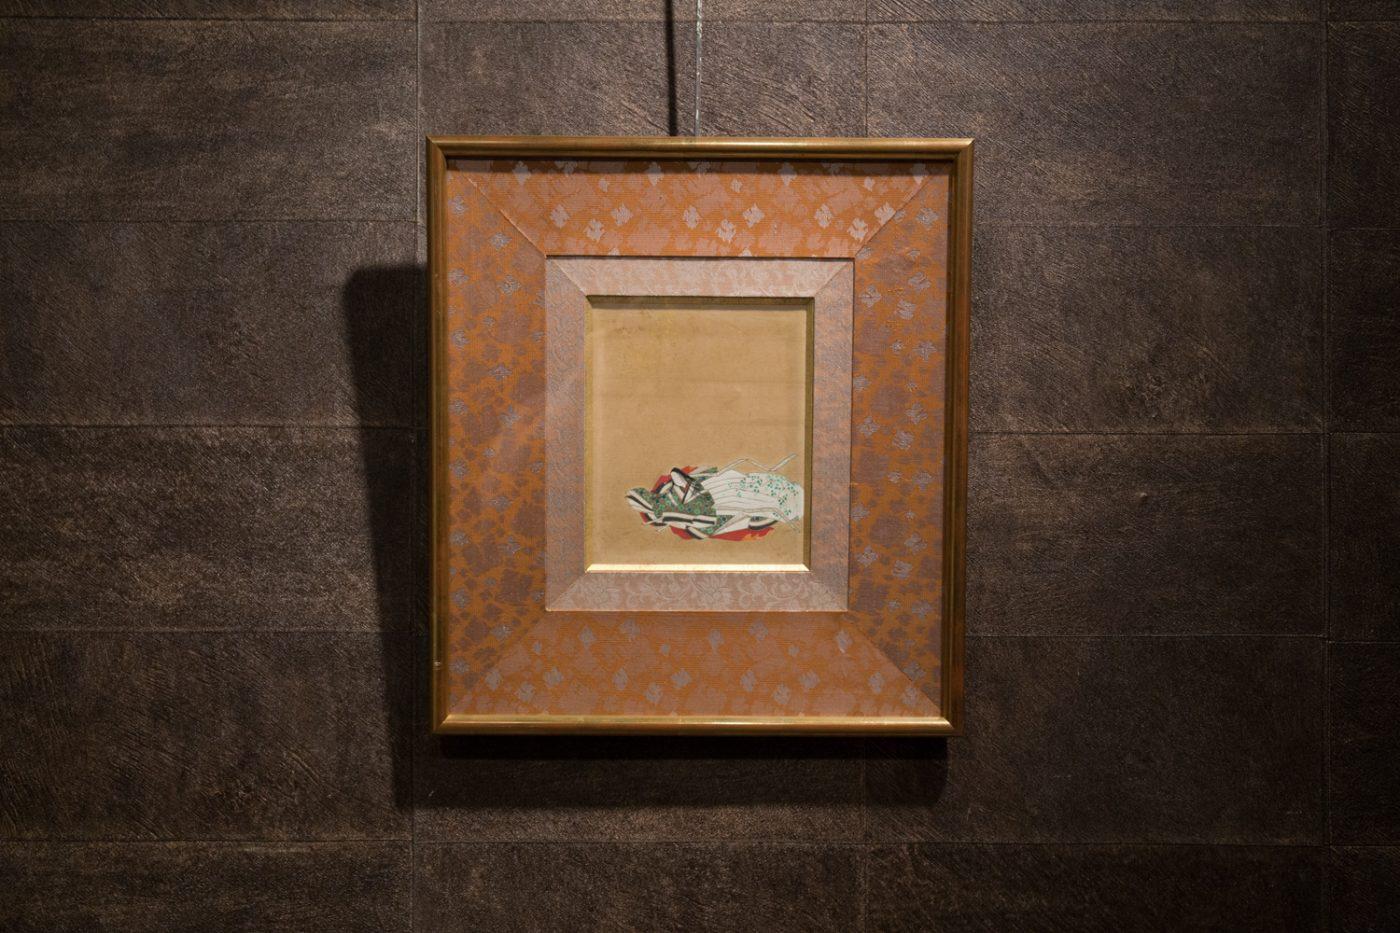 Dipinto Inchiostro di China su Carta Giappon Periodo Edo